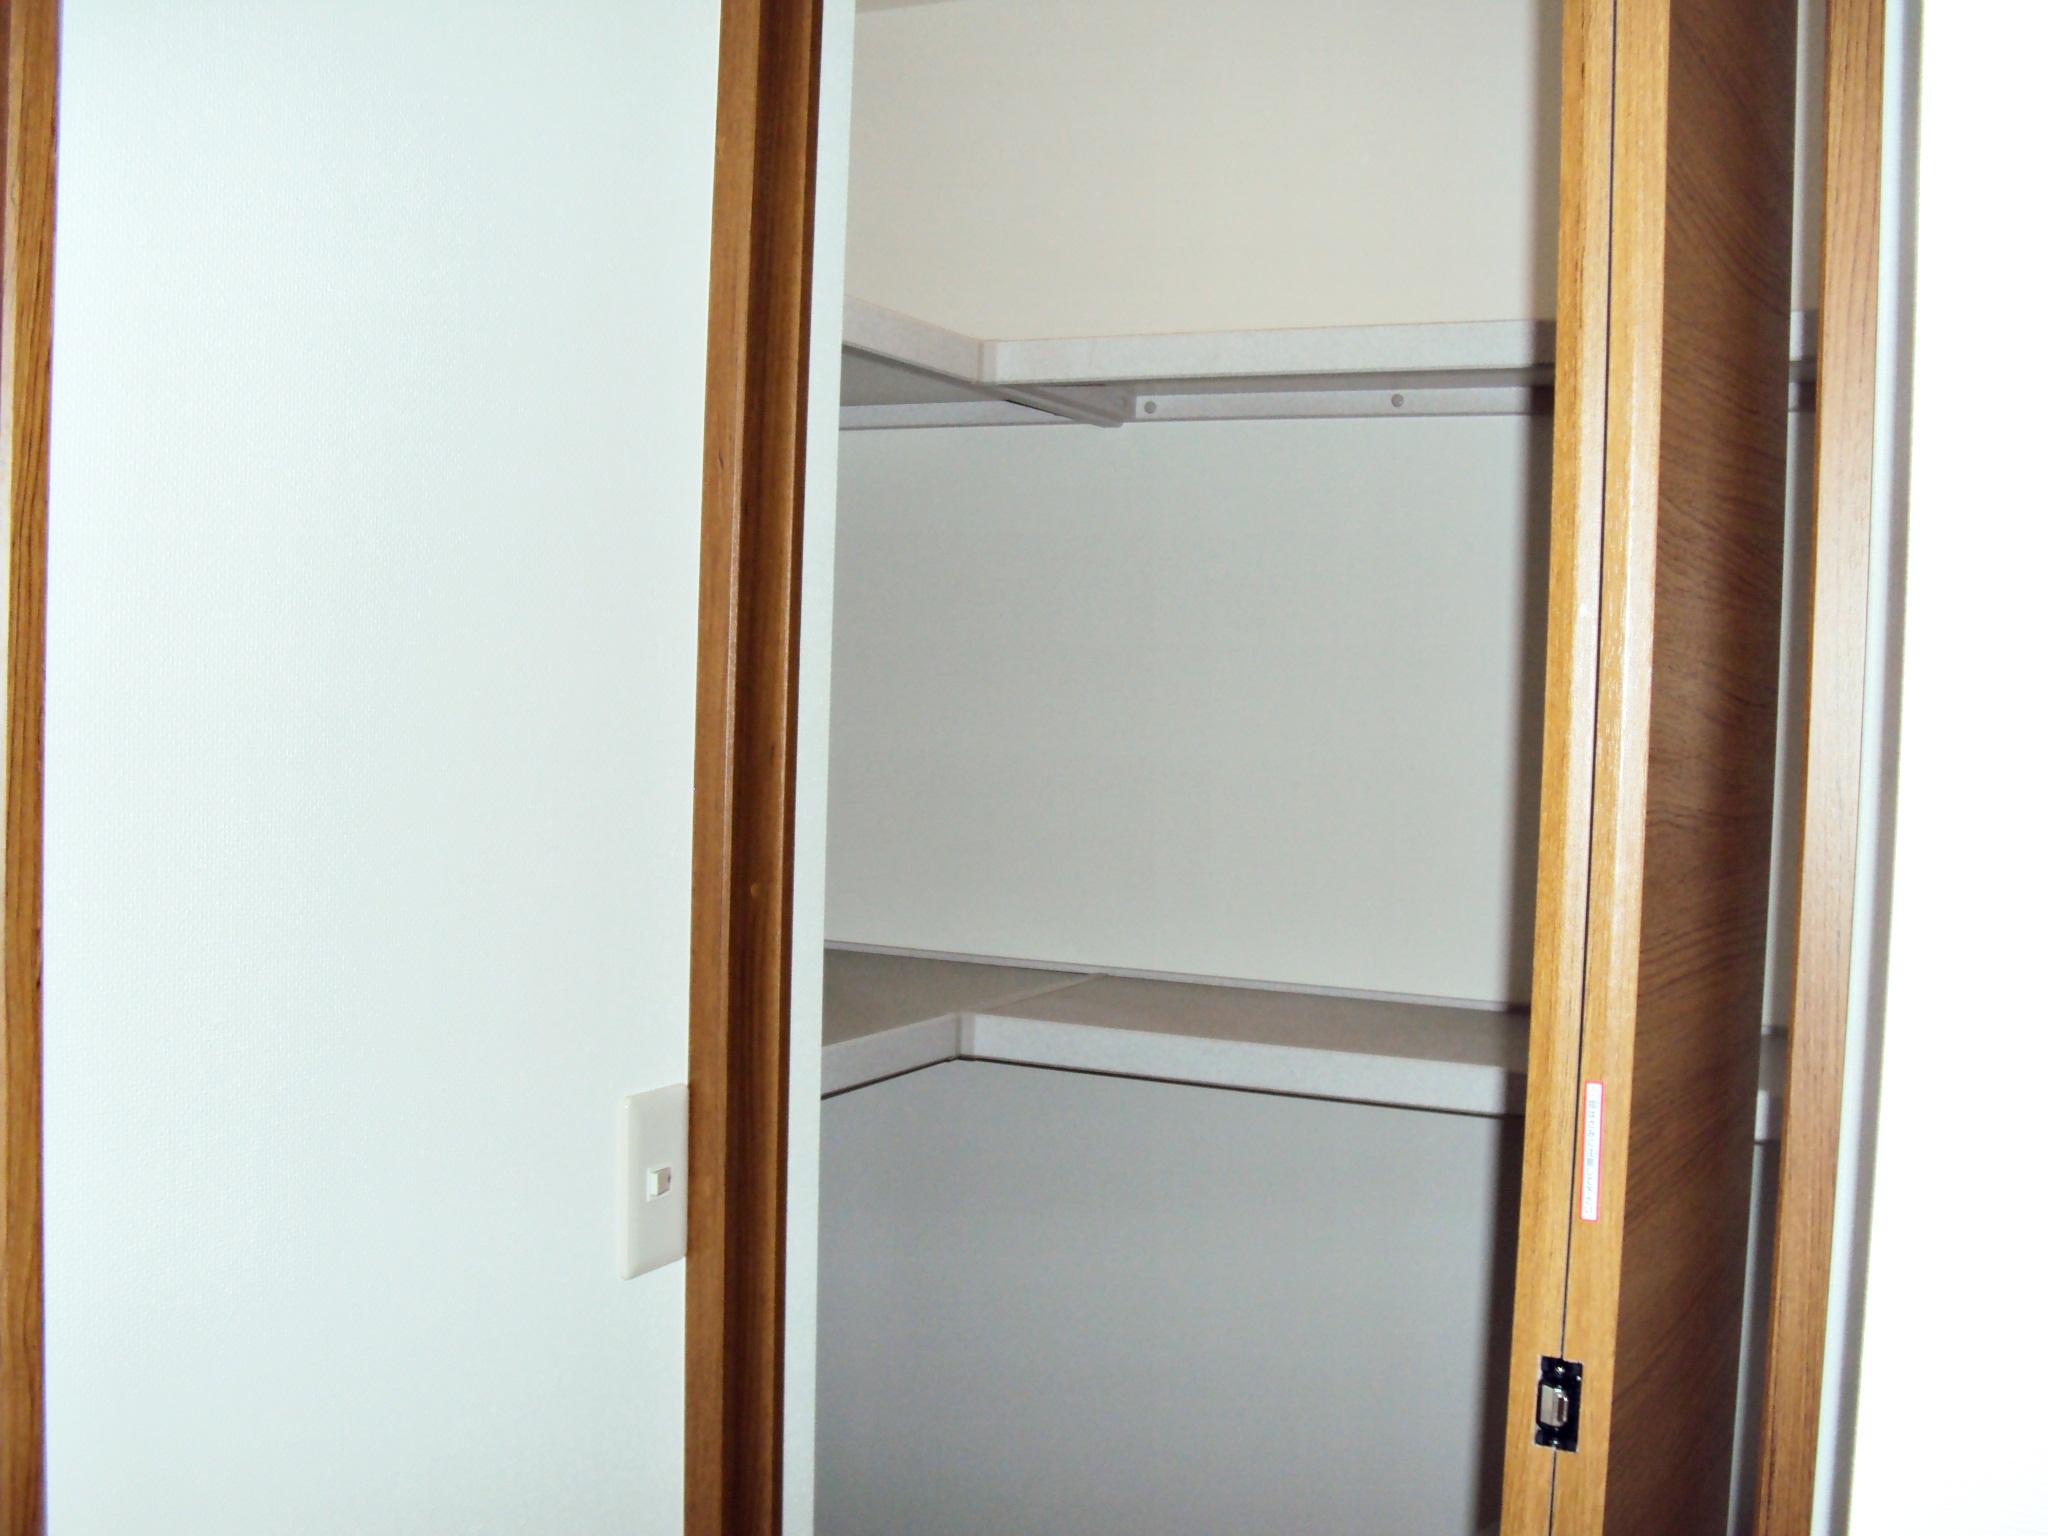 畳2帖ほどの納戸に棚を取付け、効率的に収納できるよう工夫されています。